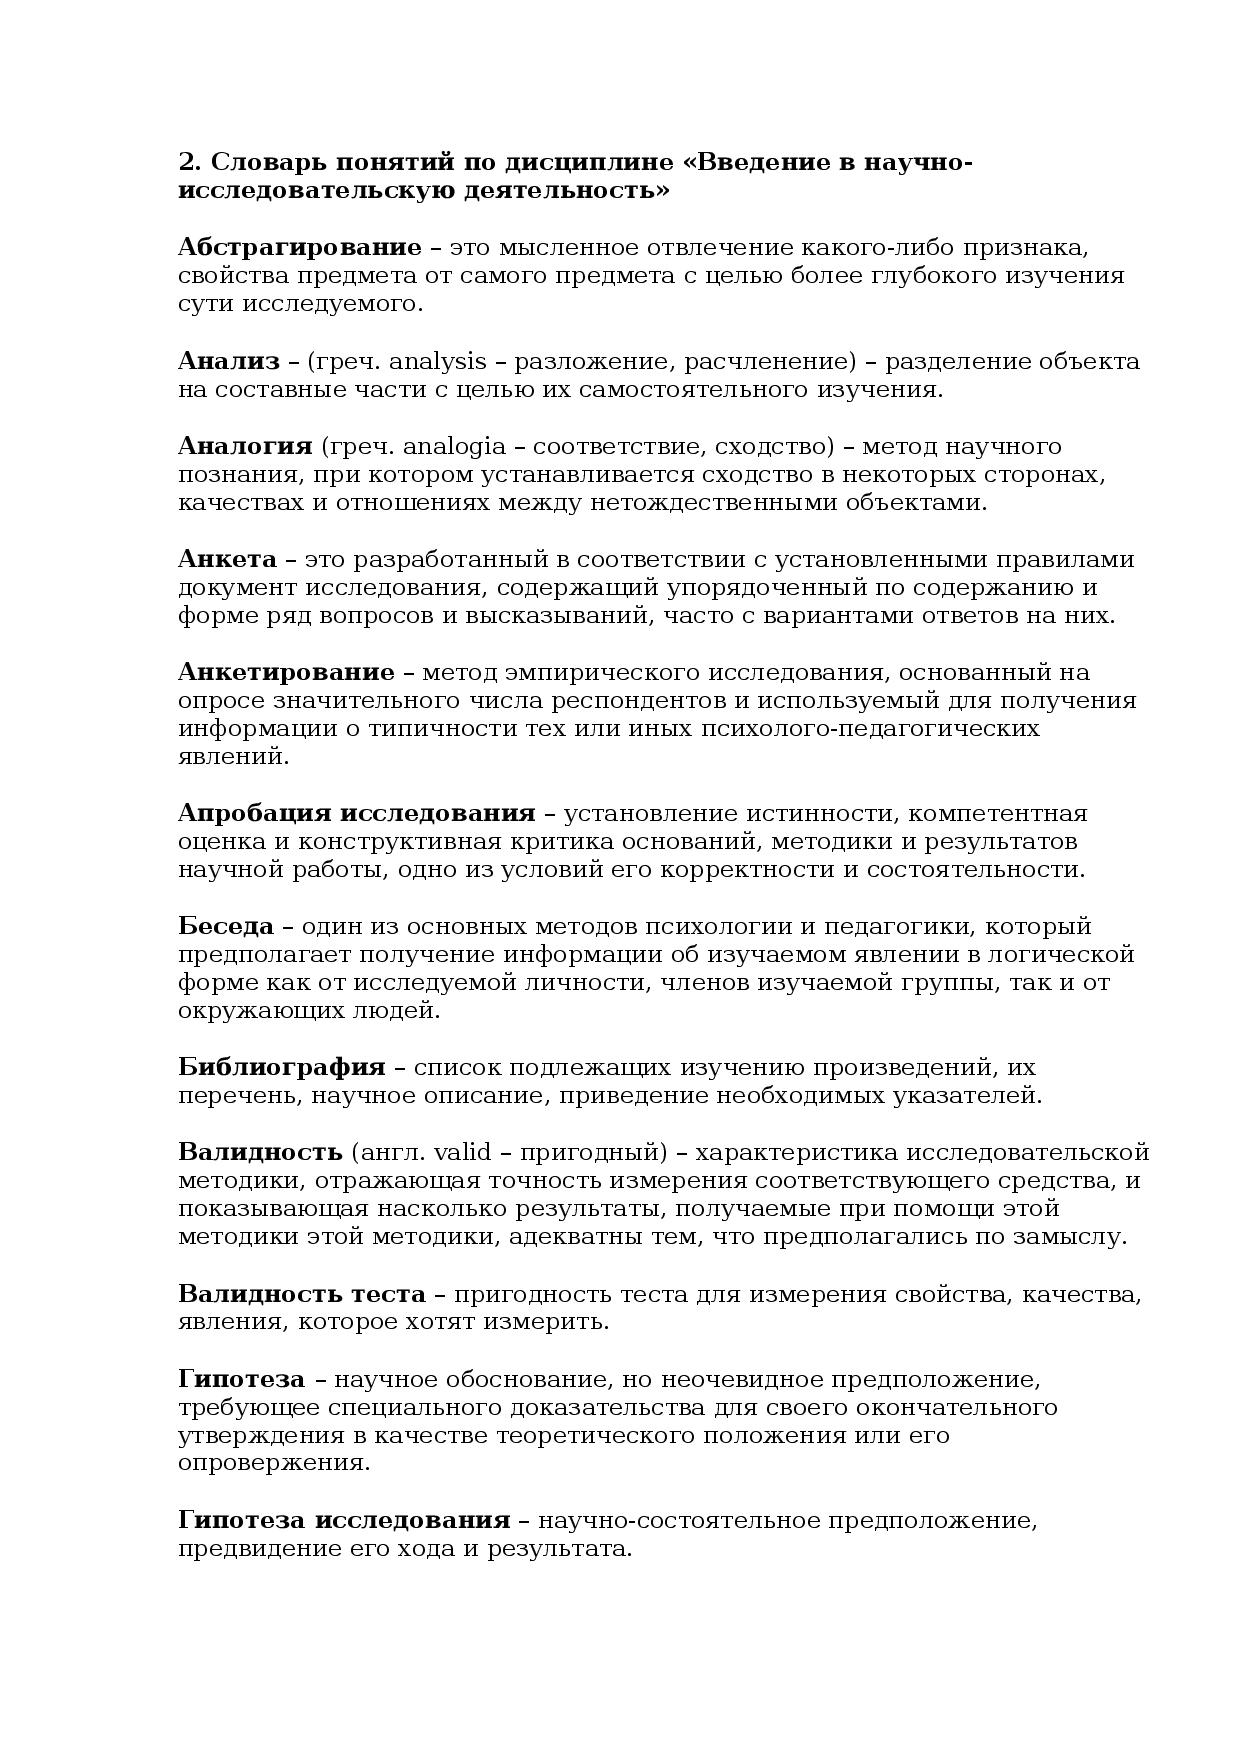 Лекция №2 разновидности опроса